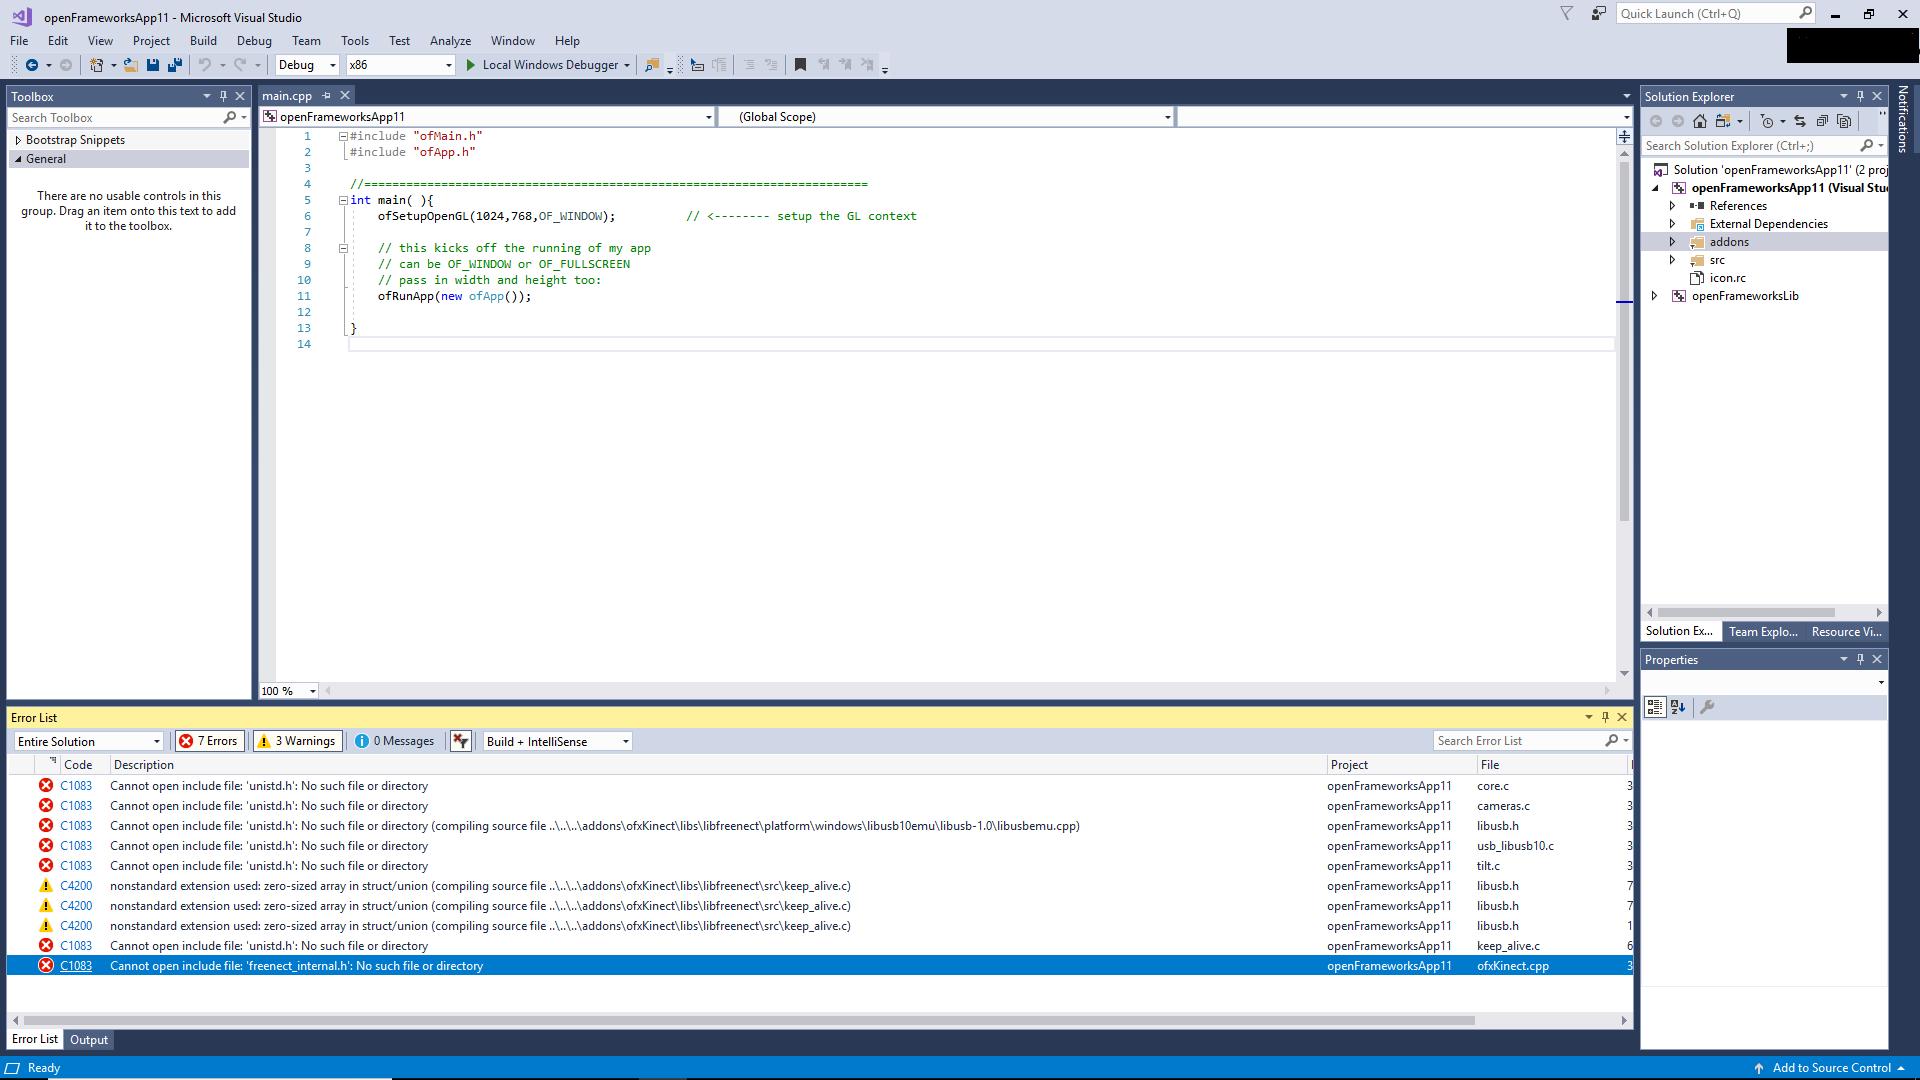 Solved] Problem in openframeworks setup in Visual Studio